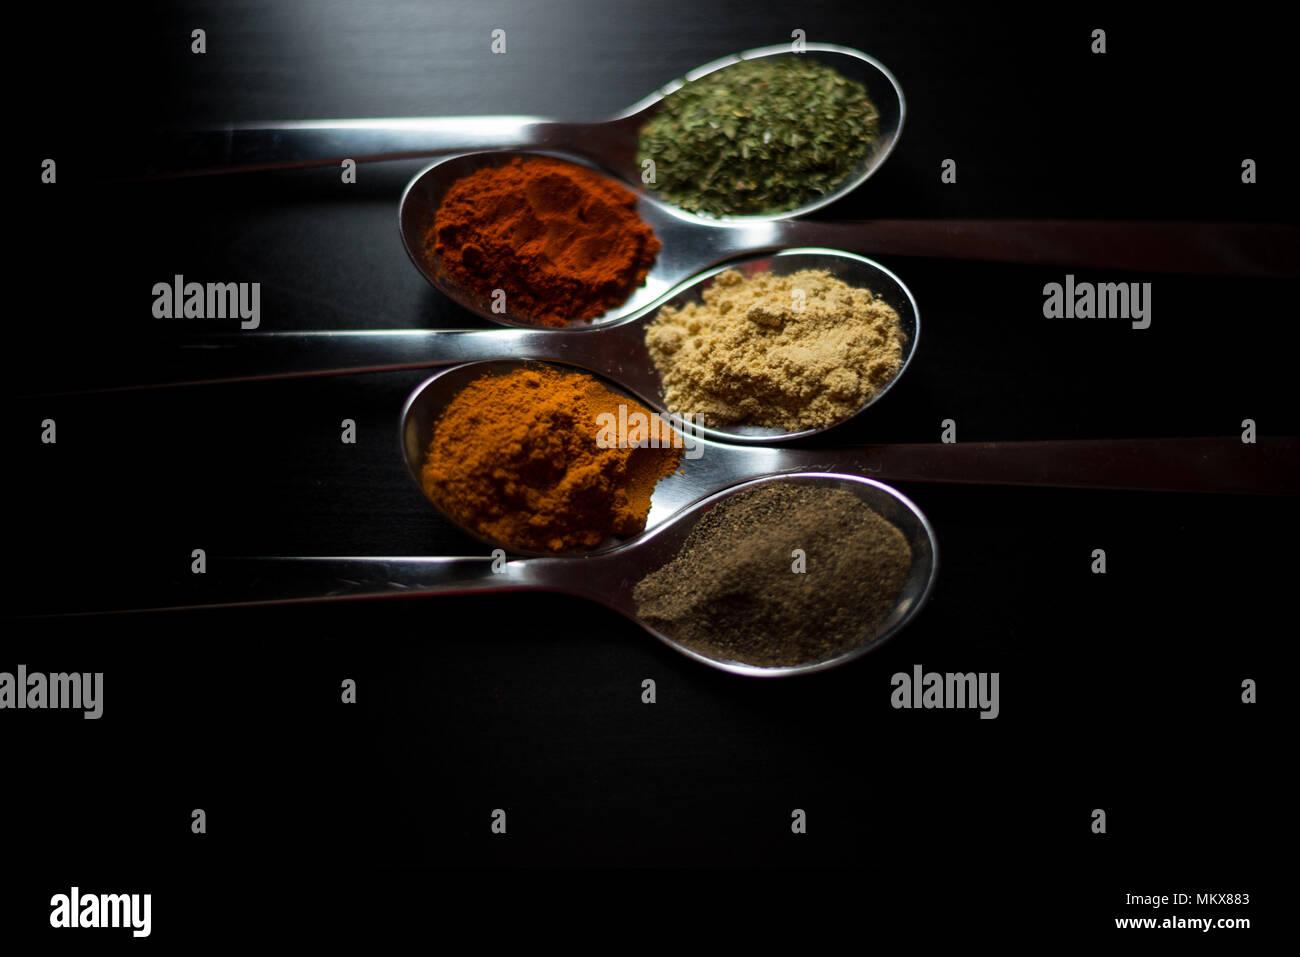 Especias coloreadas en cucharas de plata, colocados sobre una mesa de madera negra. Pimienta, pimienta, sal, albahaca, mostaza Foto de stock